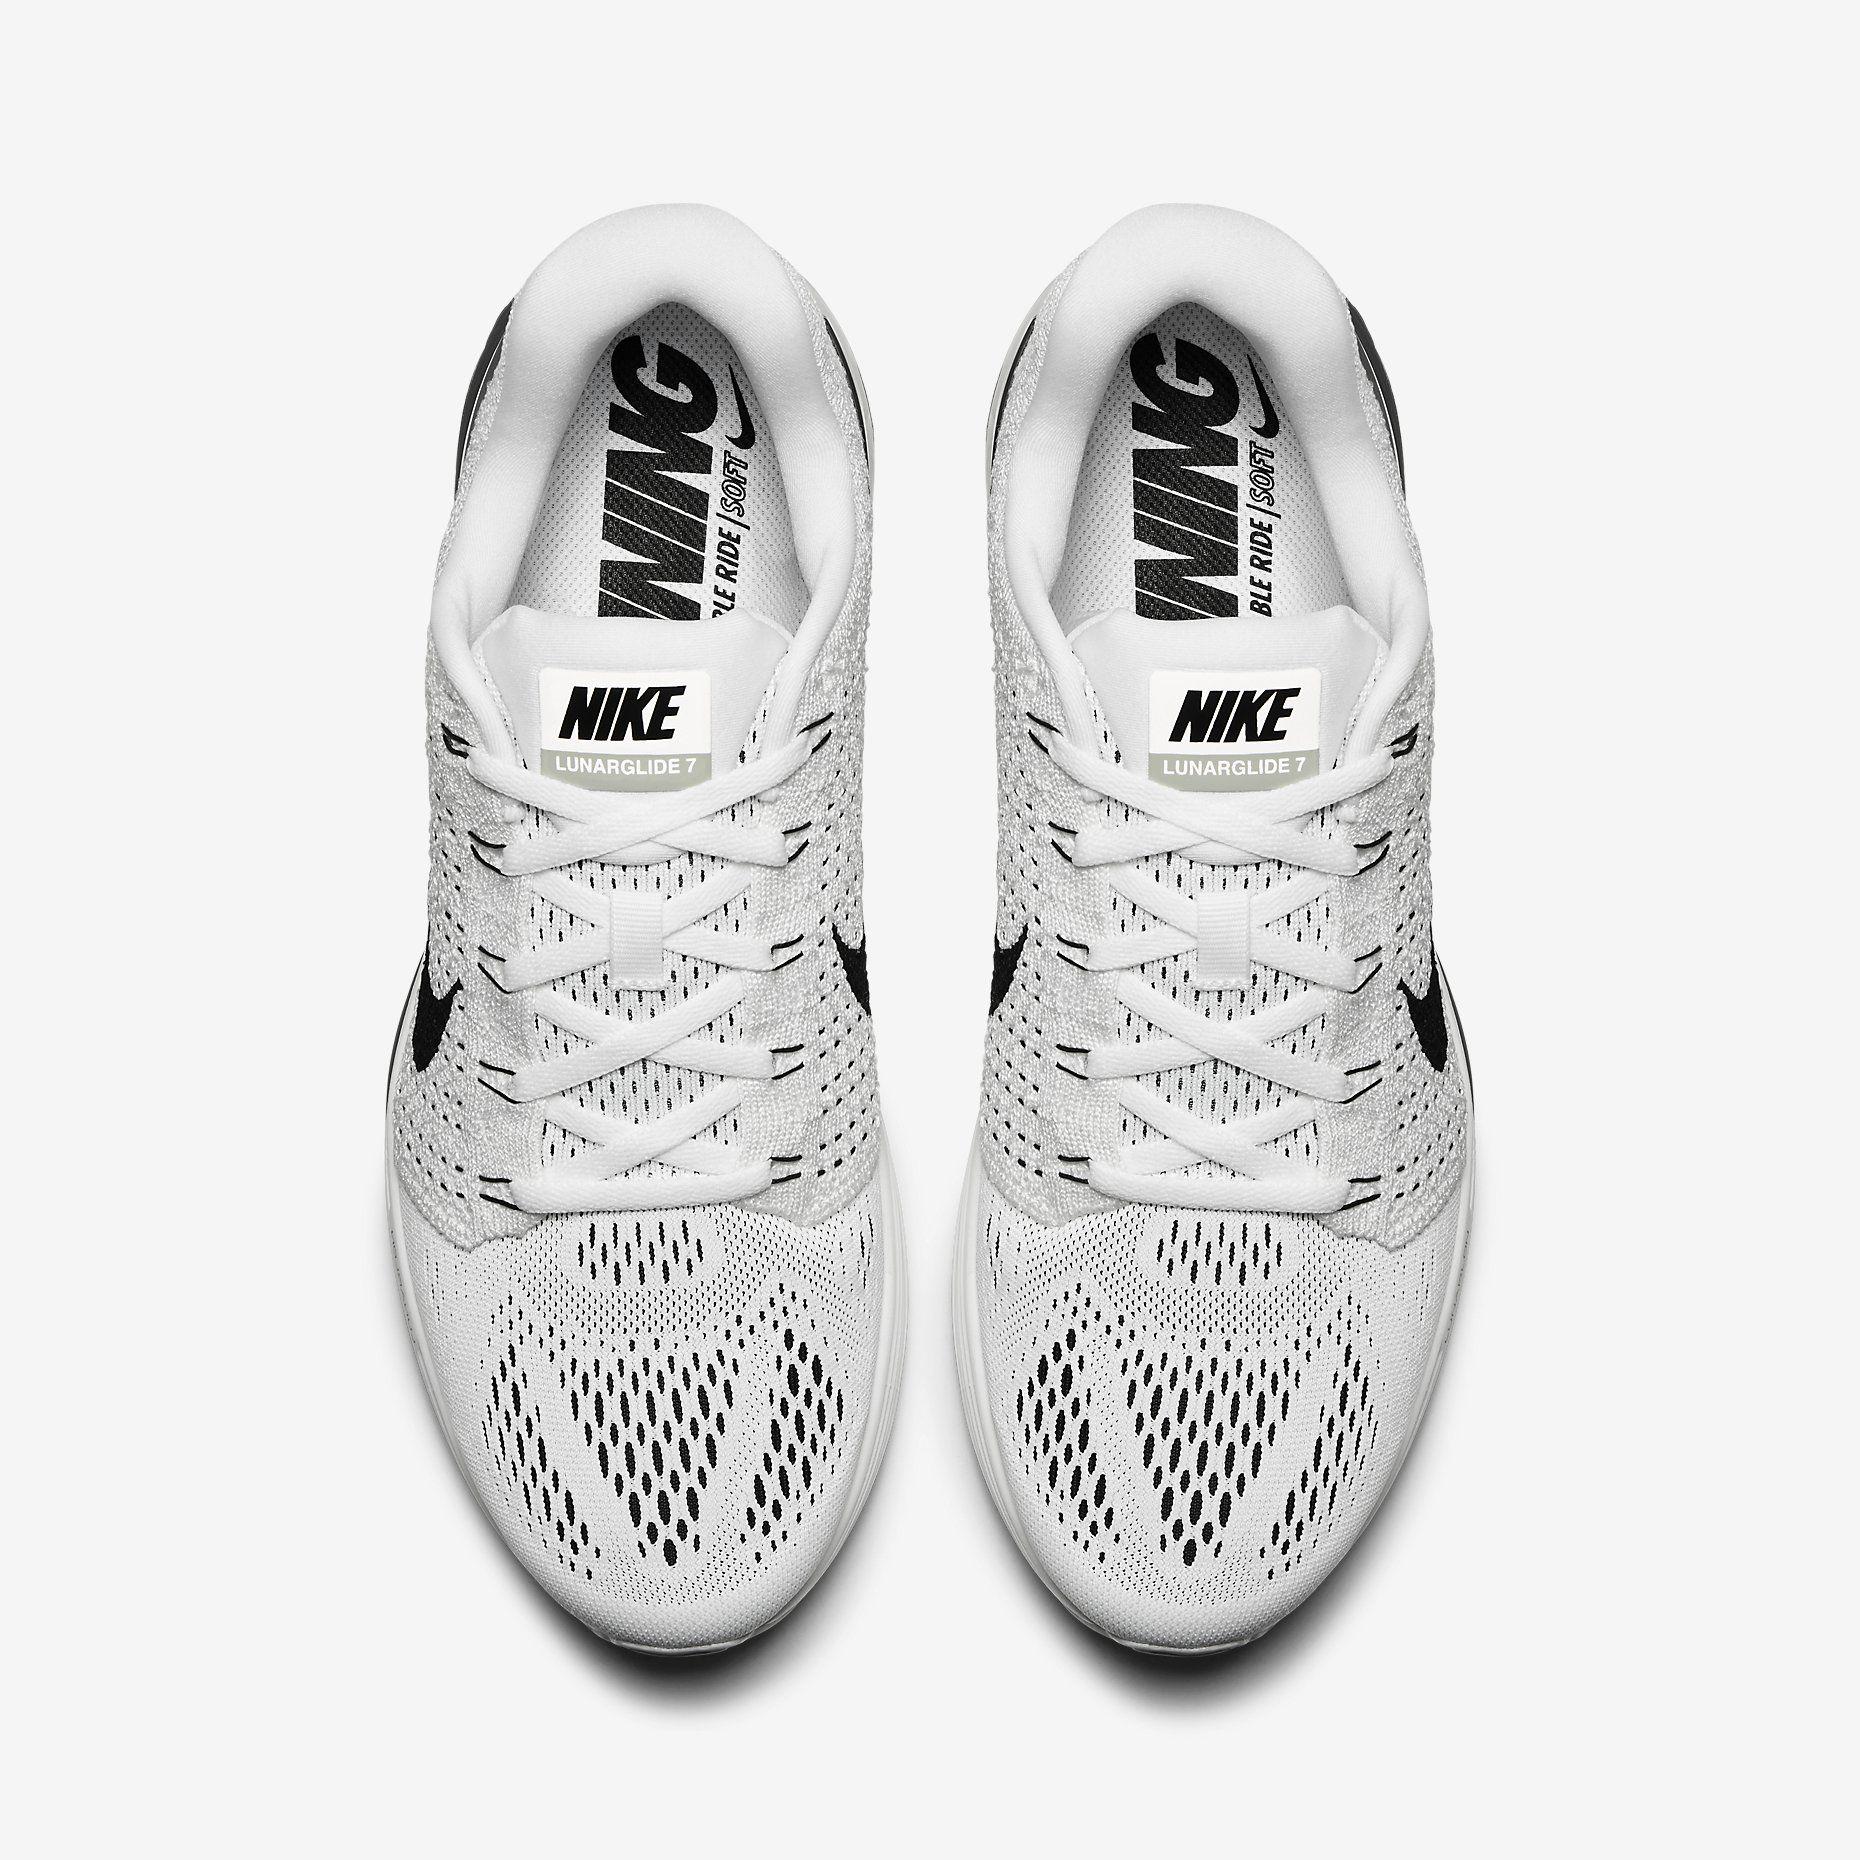 6bedc88f7e0 Nike LunarGlide 7 Men s Running Shoe. Nike Store  125